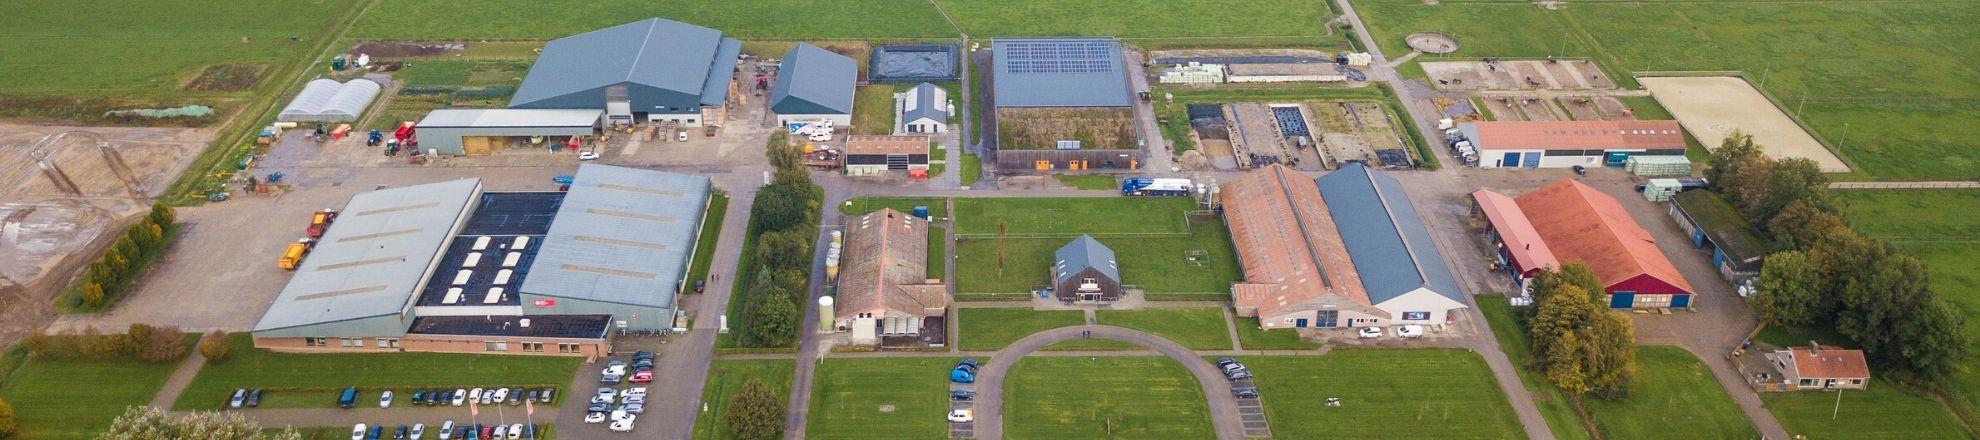 Aeres Farms